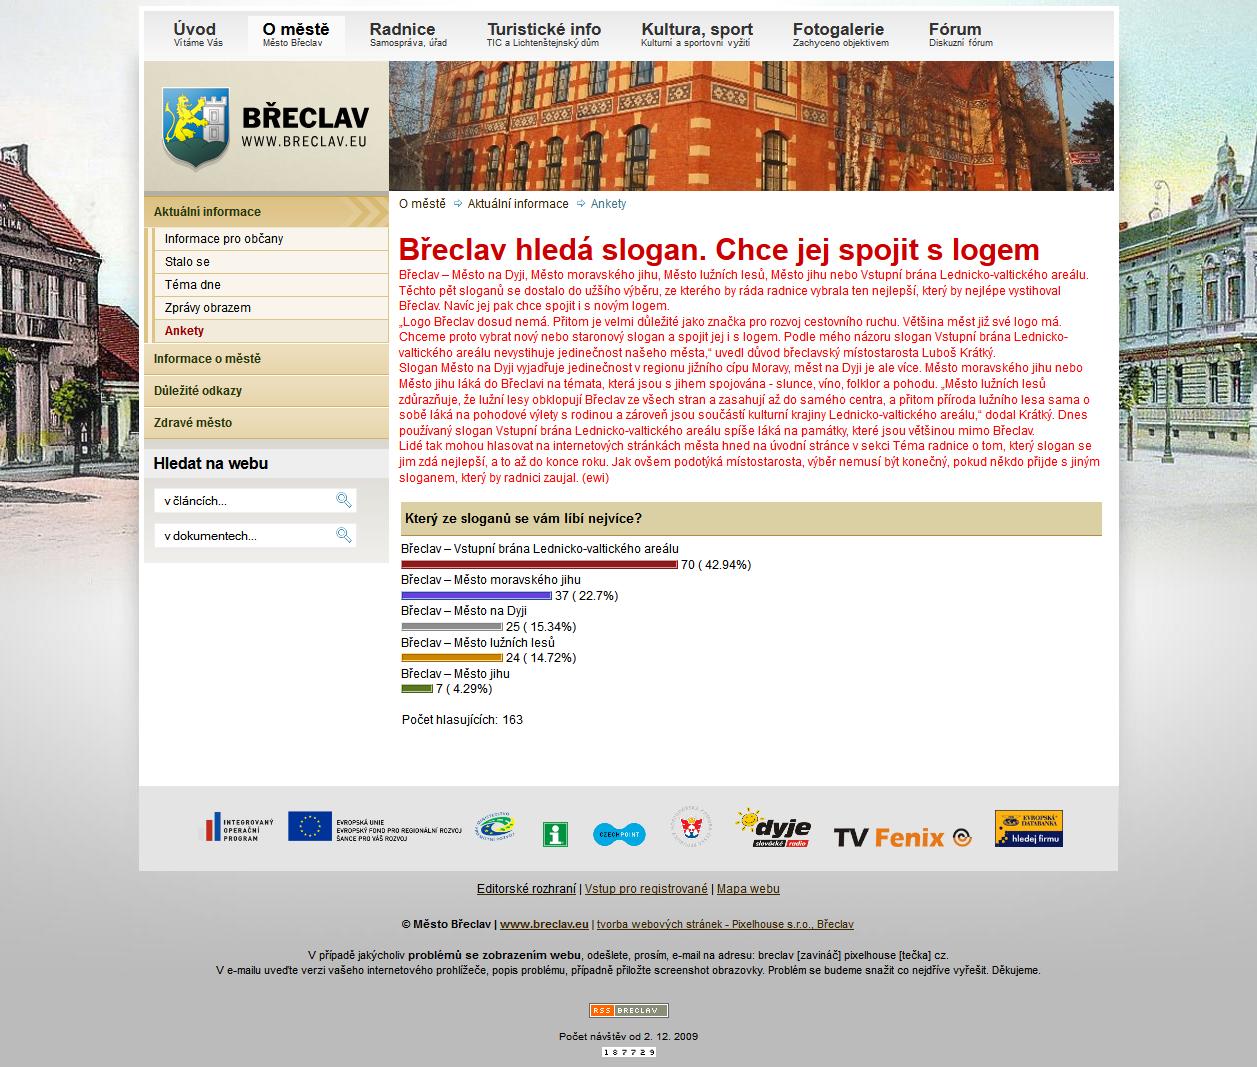 Anketa: Břeclav hledá slogan